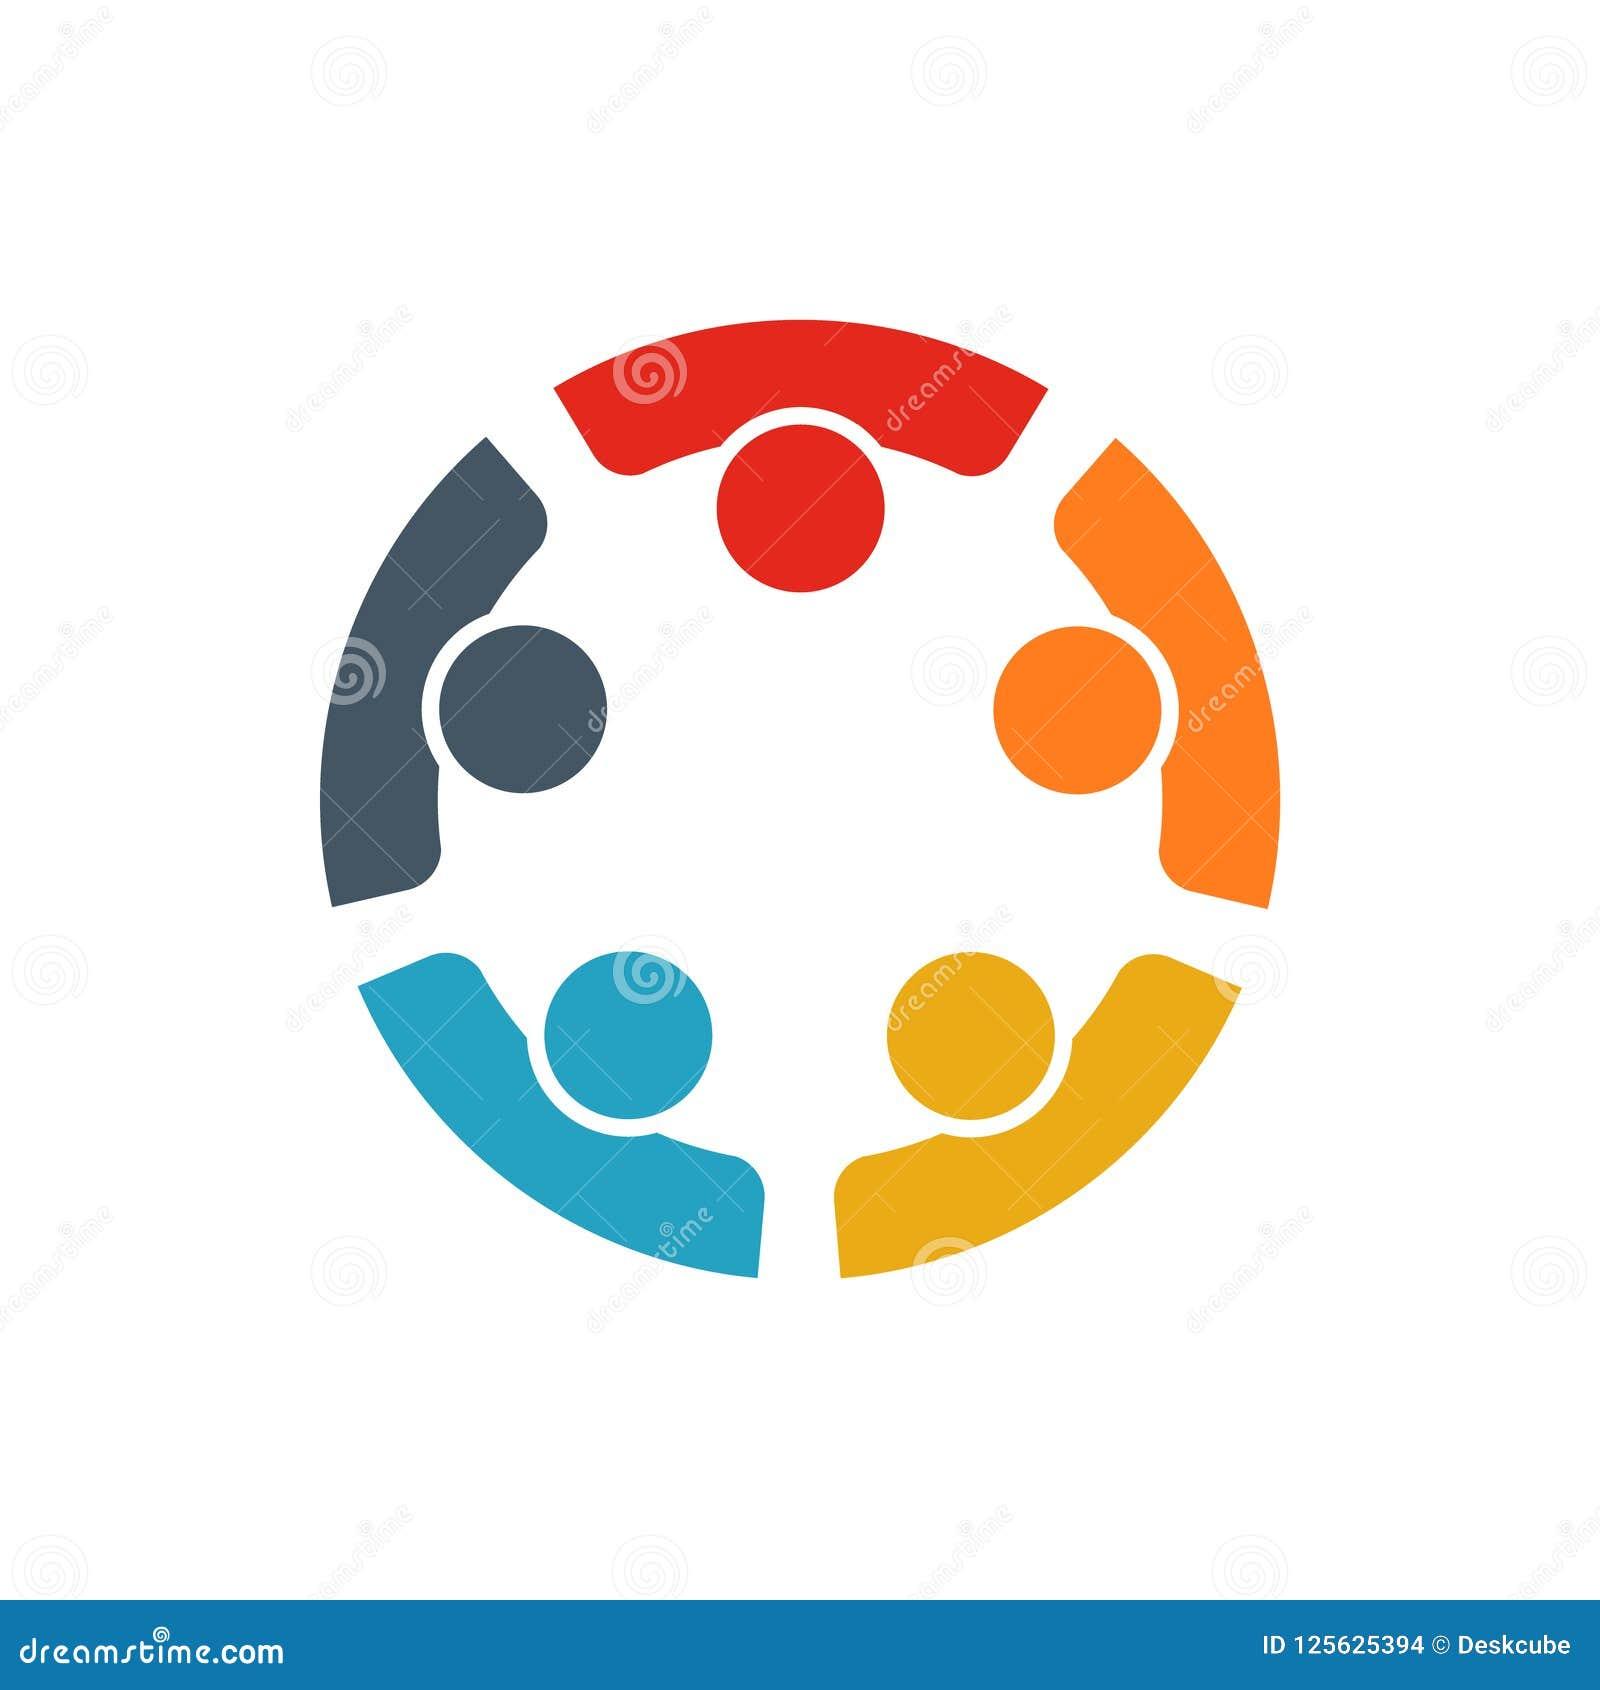 Teamwork av fem personer som tillsammans arbetar för att nå ett mål